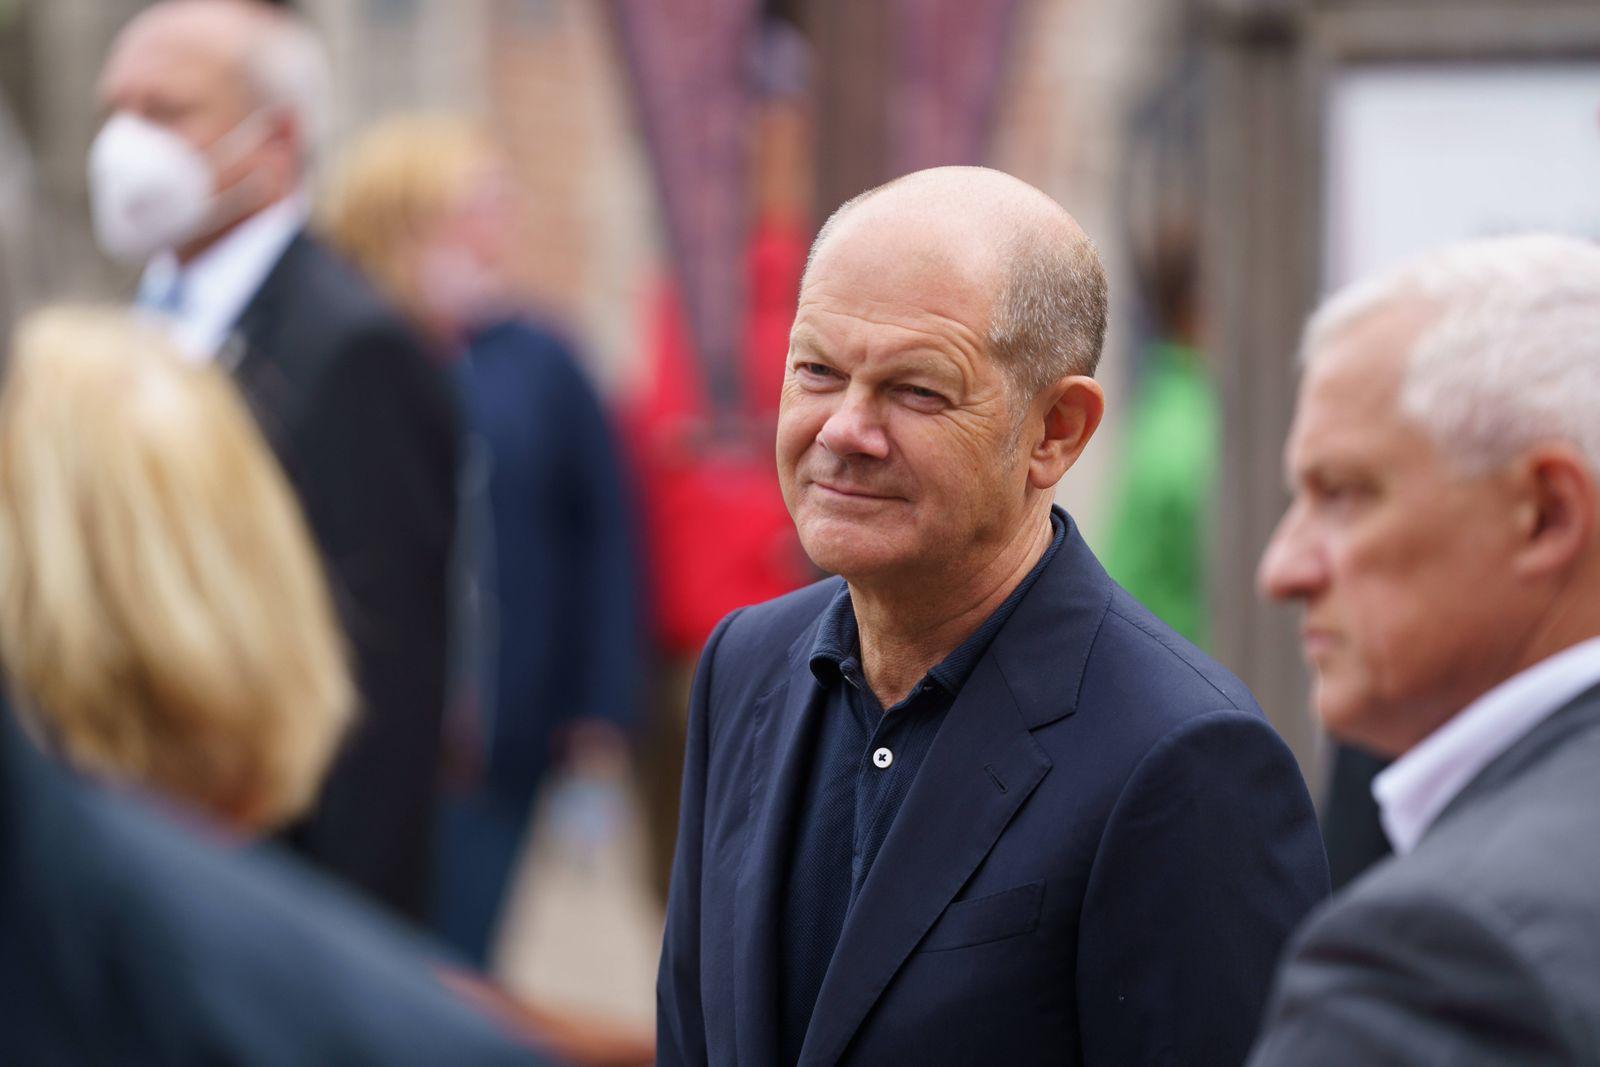 Wahlkampfveranstaltung der SPD zur Bundestagswahl 2021 - Olaf Scholz auf Wahlkampftour durch Schleswig-Holstein - Besuc